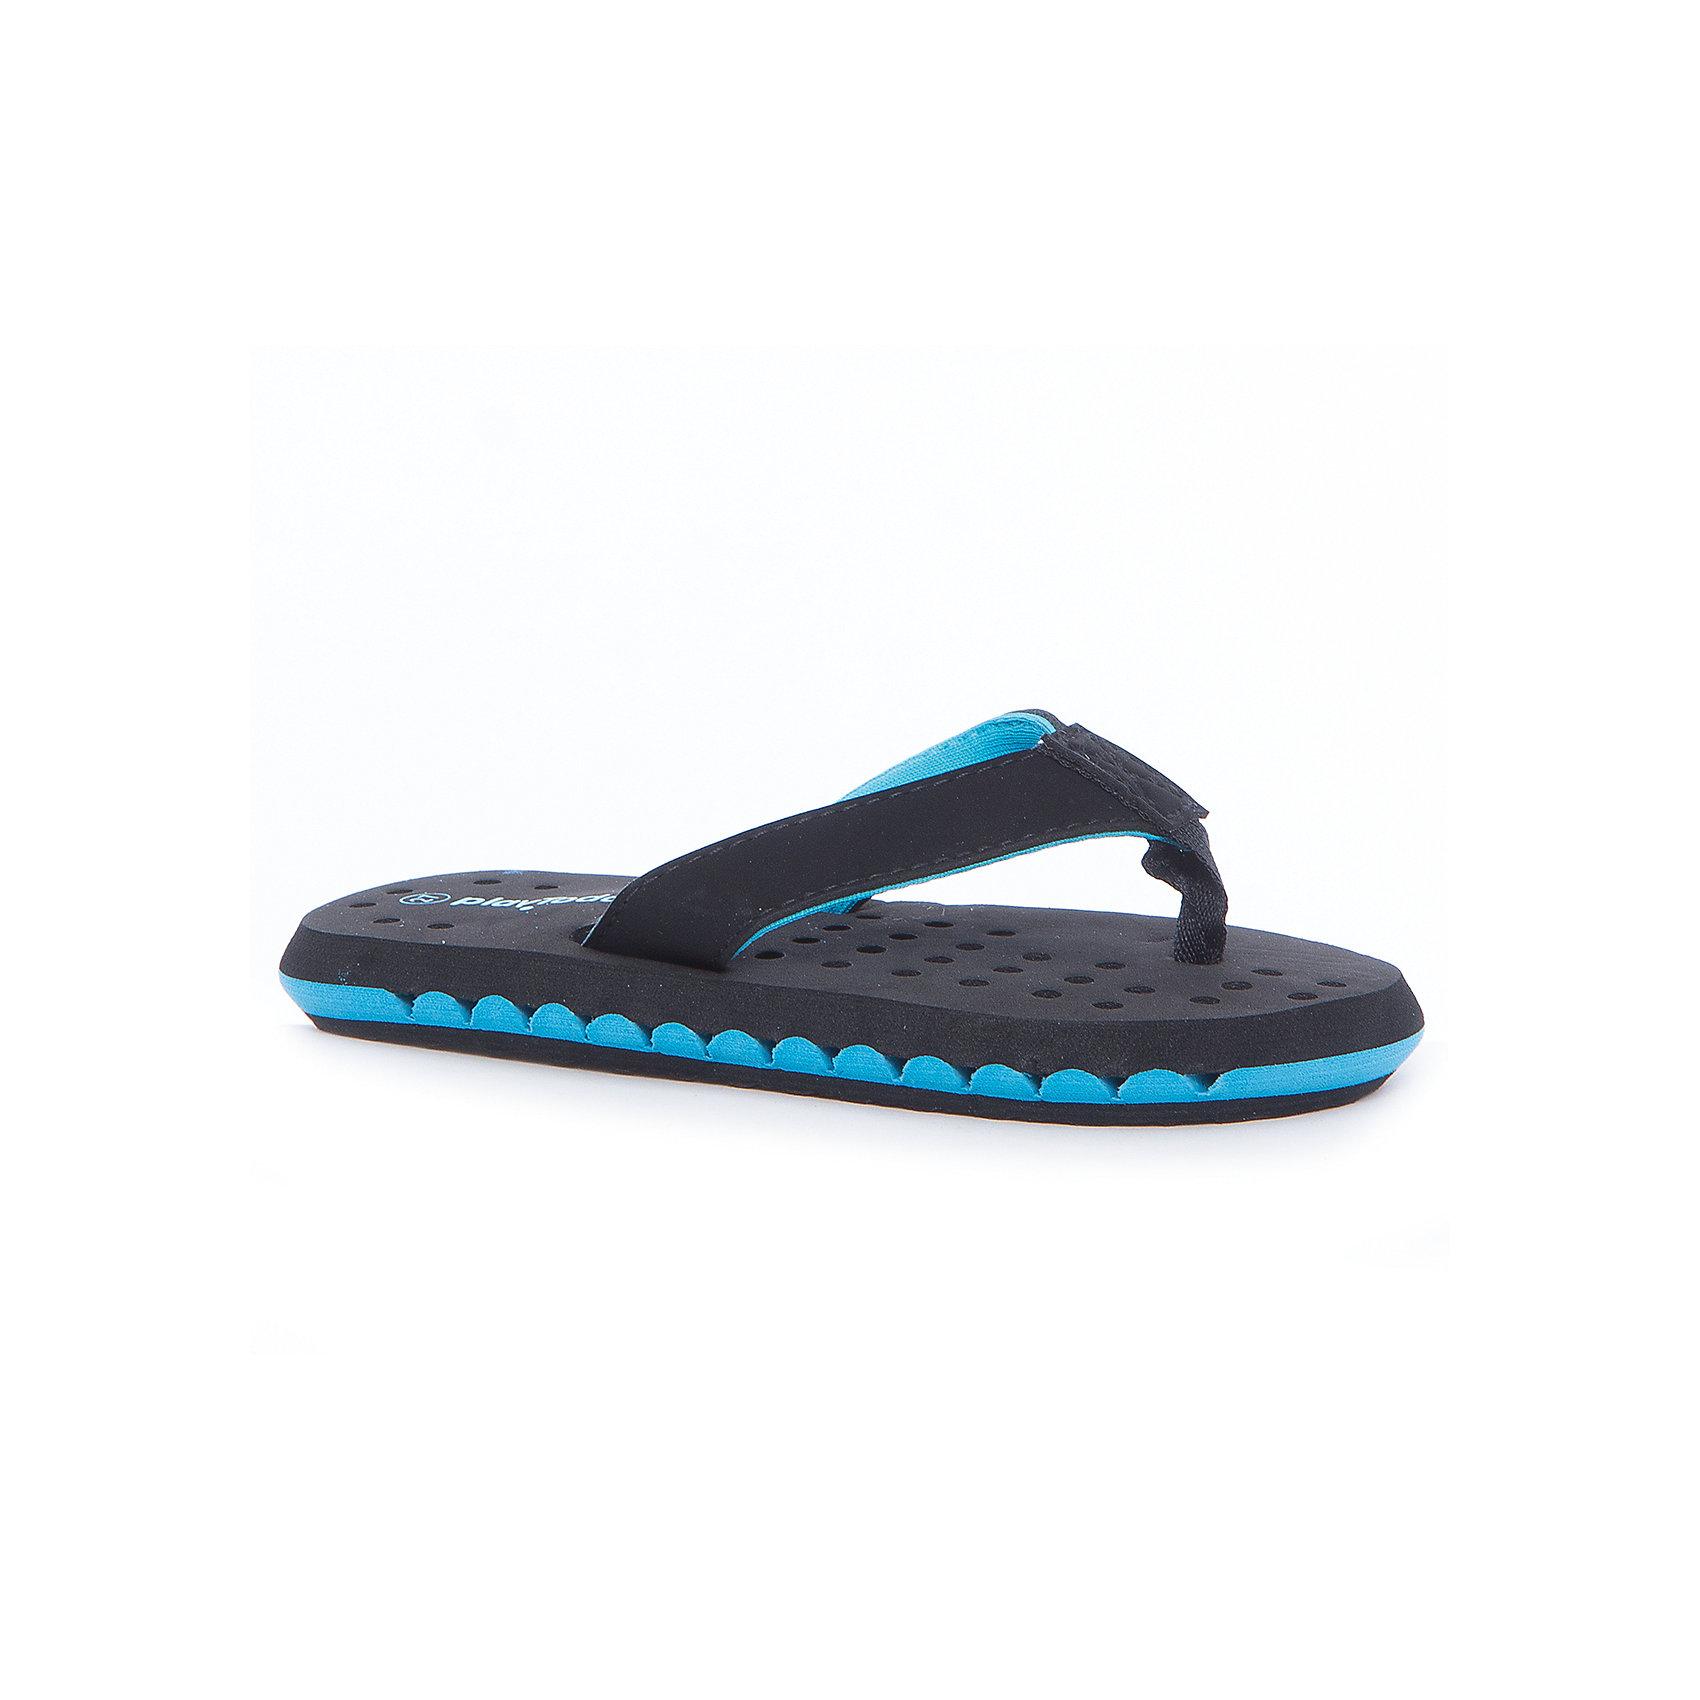 Шлепанцы для мальчика PlayTodayПляжная обувь<br>Пантолеты для мальчика PlayToday<br>Легкие пантолеты выполнены из мягкого водонепроницаемого материала. Внутрення часть подошвы перфорированная, что обеспечивает дополнительную вентиляцию стопы. Прекрасно подойдут для похода в бассейн или для поездки на плажПреимущества: Мягкий водонепроницаемый материалПерфорированная подошва обеспечивает дополнительную вентиляцию стопы<br>Состав:<br>100% этилвинилацетат<br><br>Ширина мм: 225<br>Глубина мм: 139<br>Высота мм: 112<br>Вес г: 290<br>Цвет: разноцветный<br>Возраст от месяцев: 96<br>Возраст до месяцев: 108<br>Пол: Мужской<br>Возраст: Детский<br>Размер: 32,27,28,29,30,31<br>SKU: 5403515